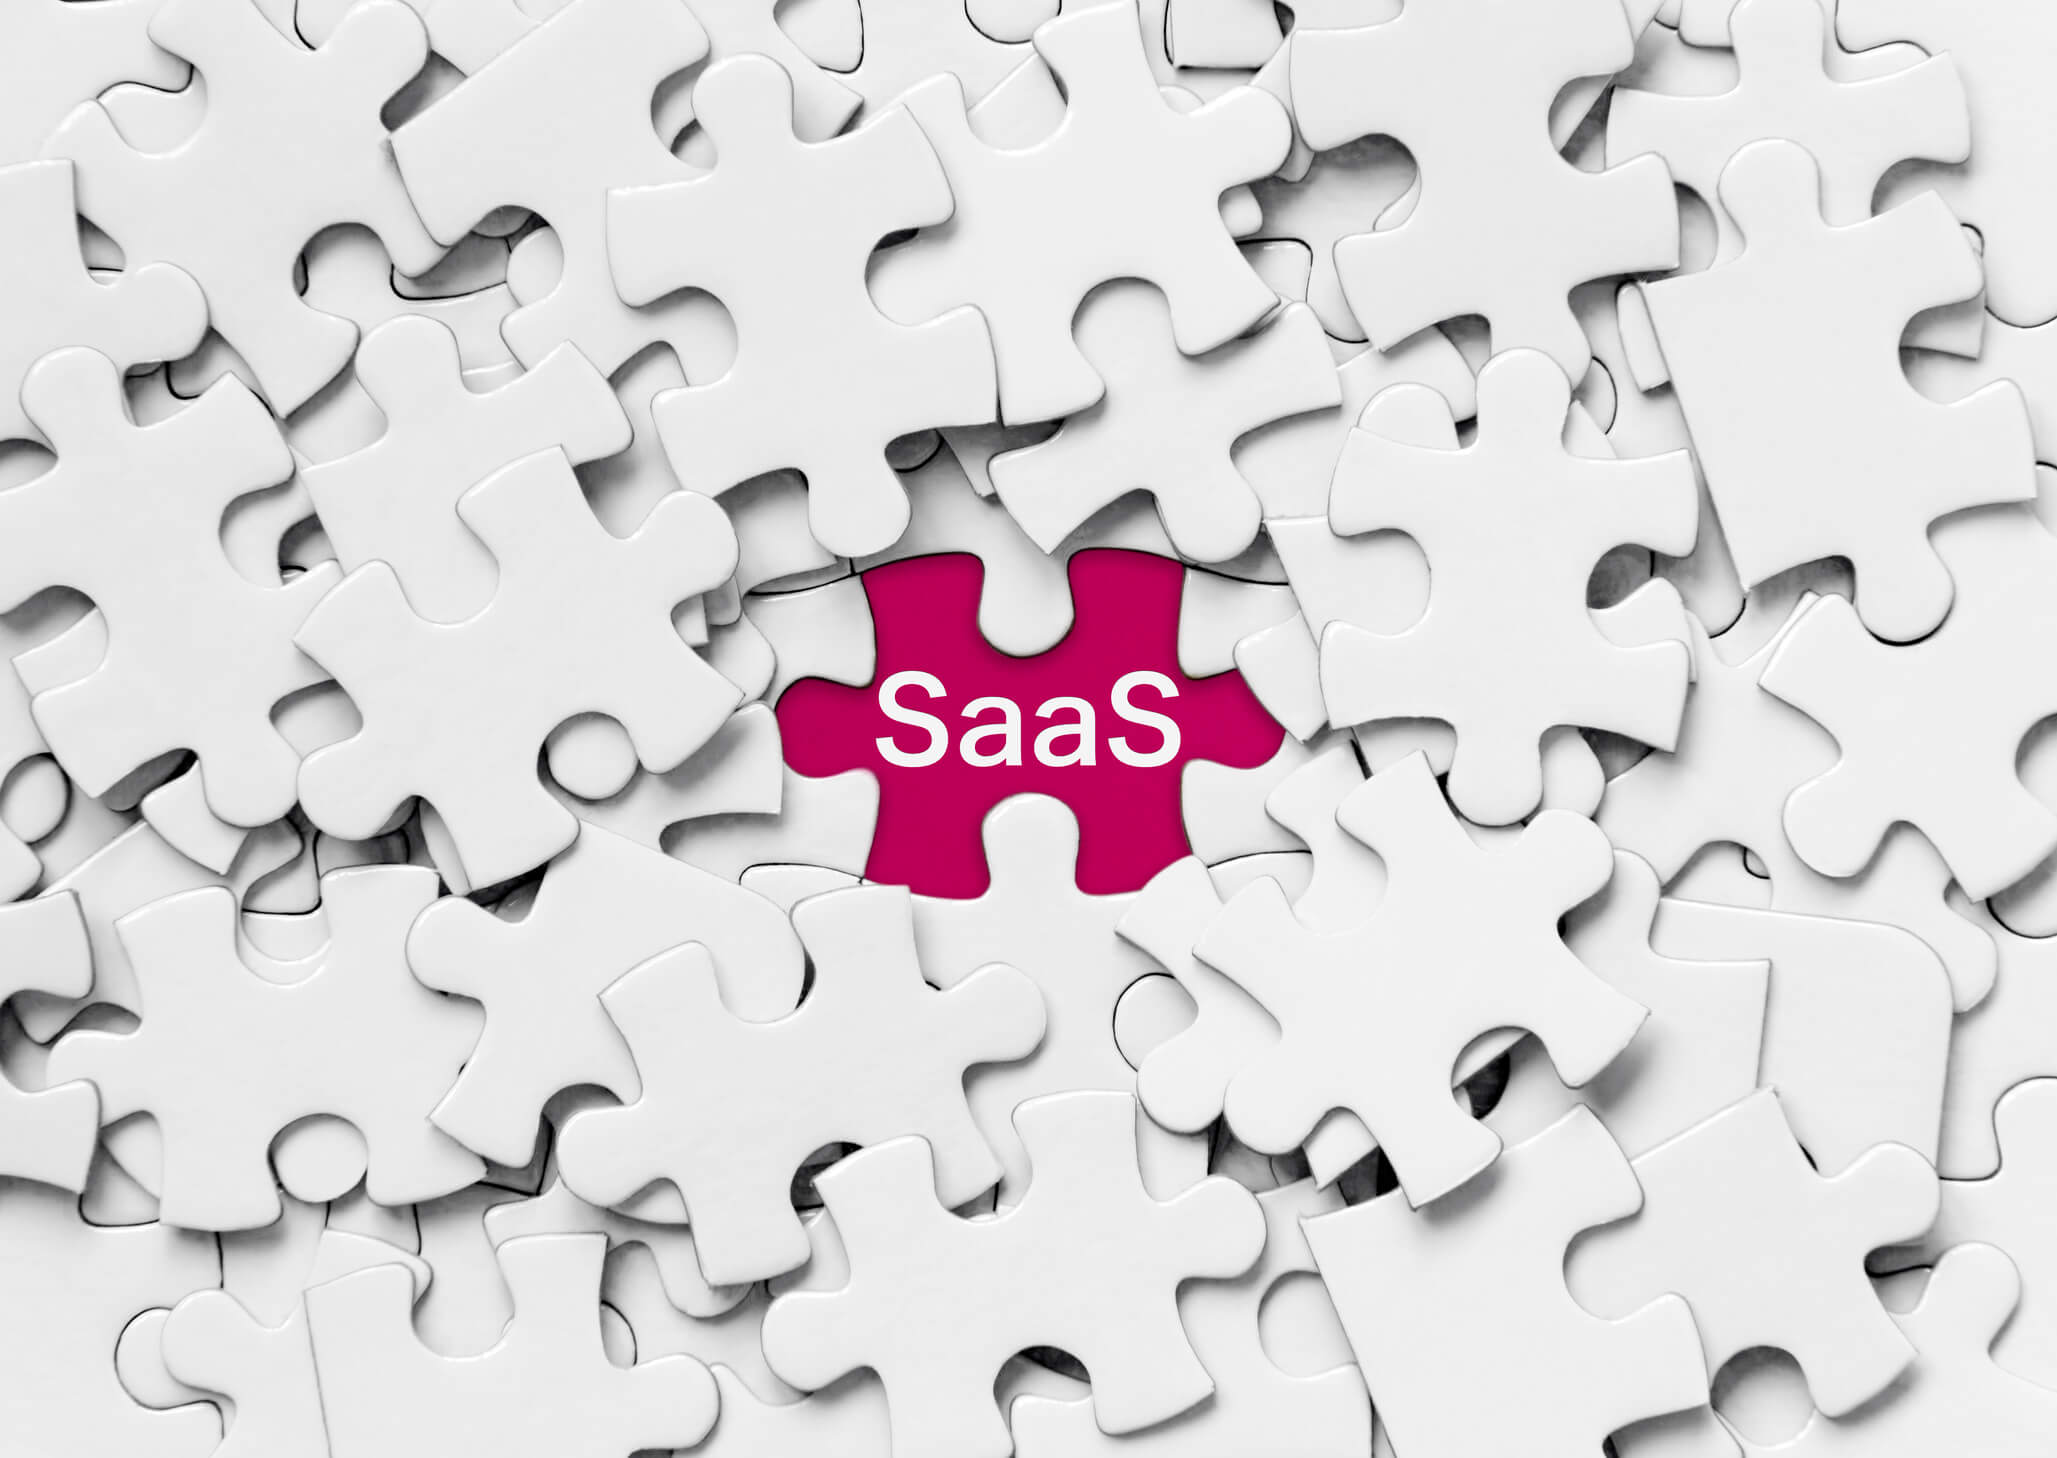 O que é SaaS e quais são os benefícios para a gestão empresarial?